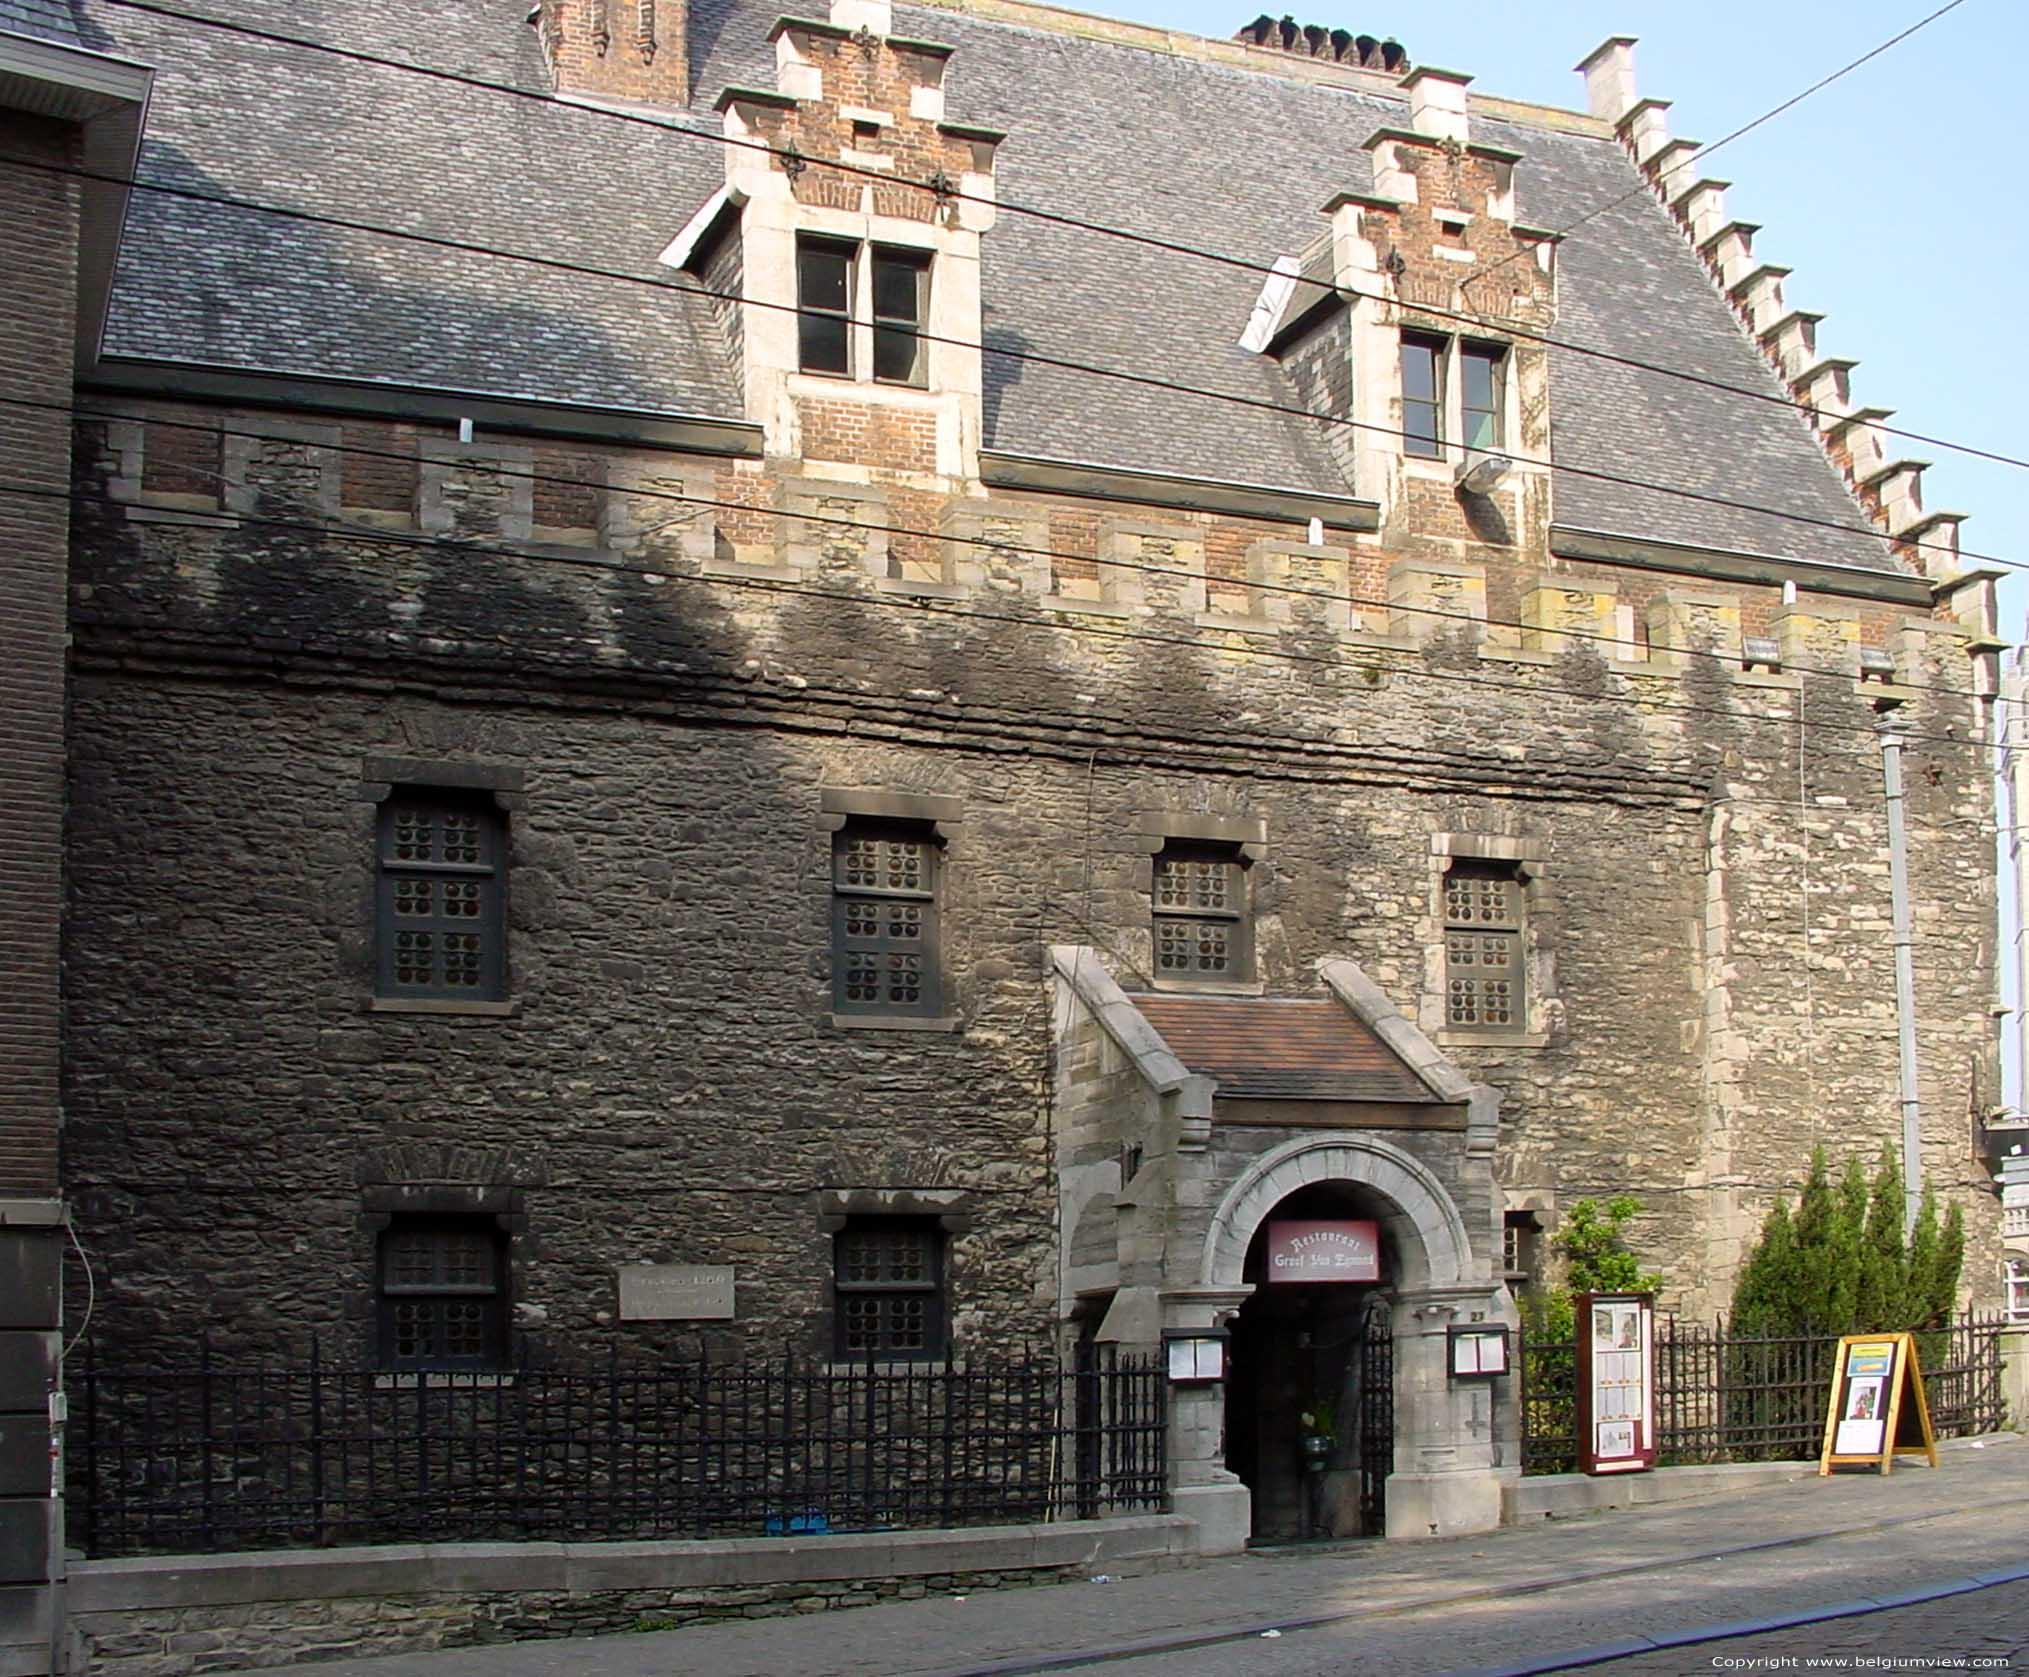 Comte de egmond gand photo - Huis van het wereldkantoor newport ...